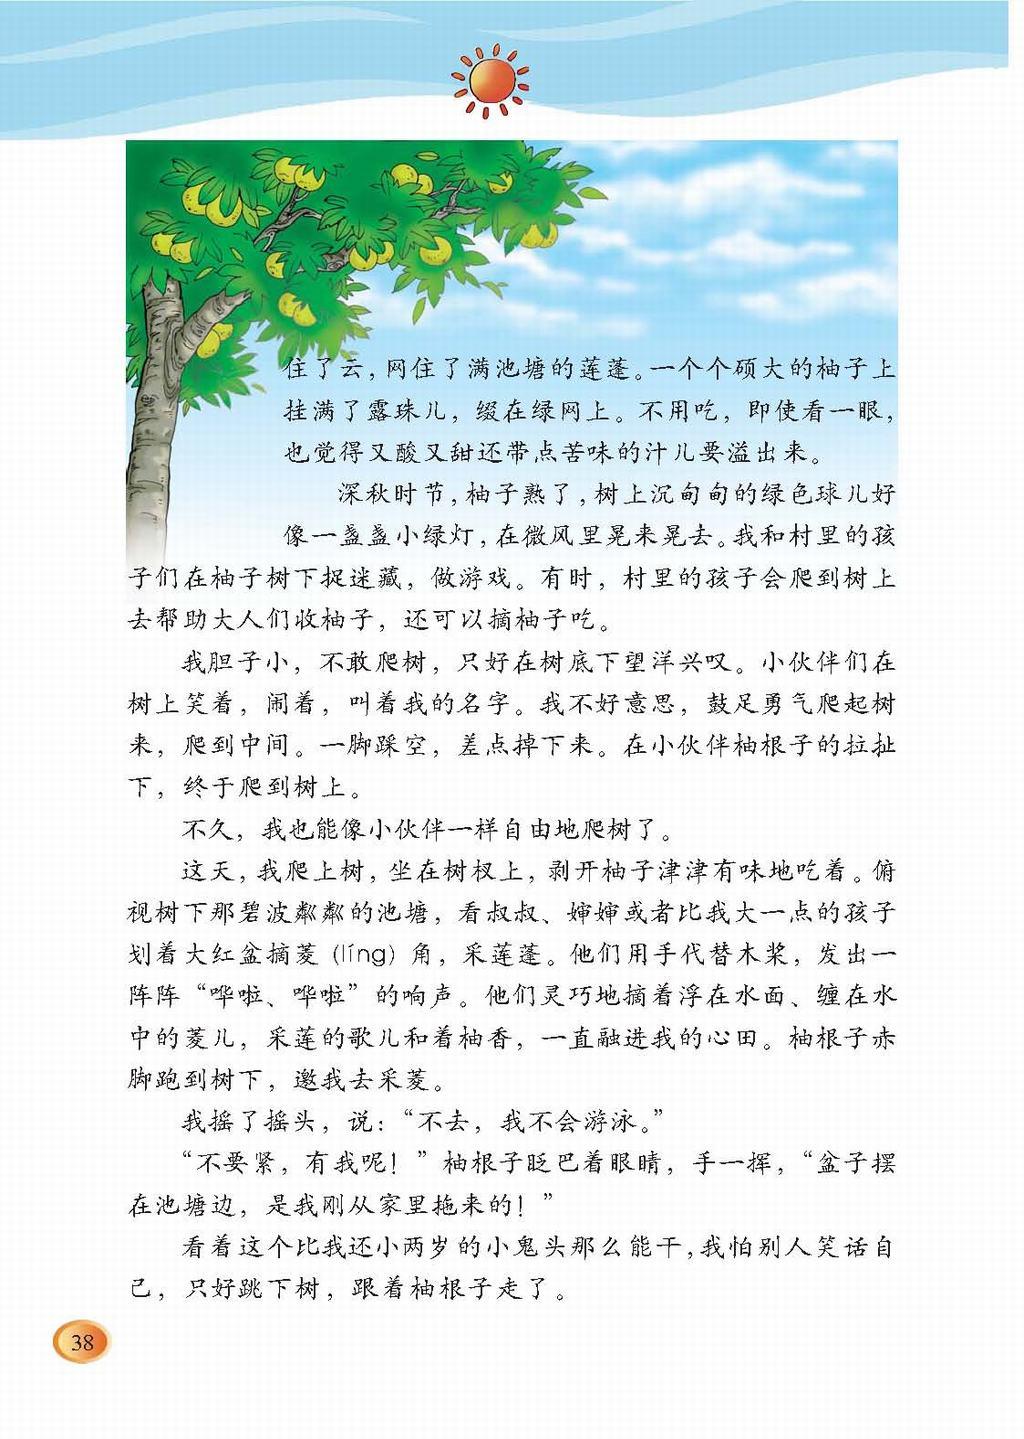 三年级下册暑假周记_四年级下册语文课文内容 四年级下册语文课文版面设计